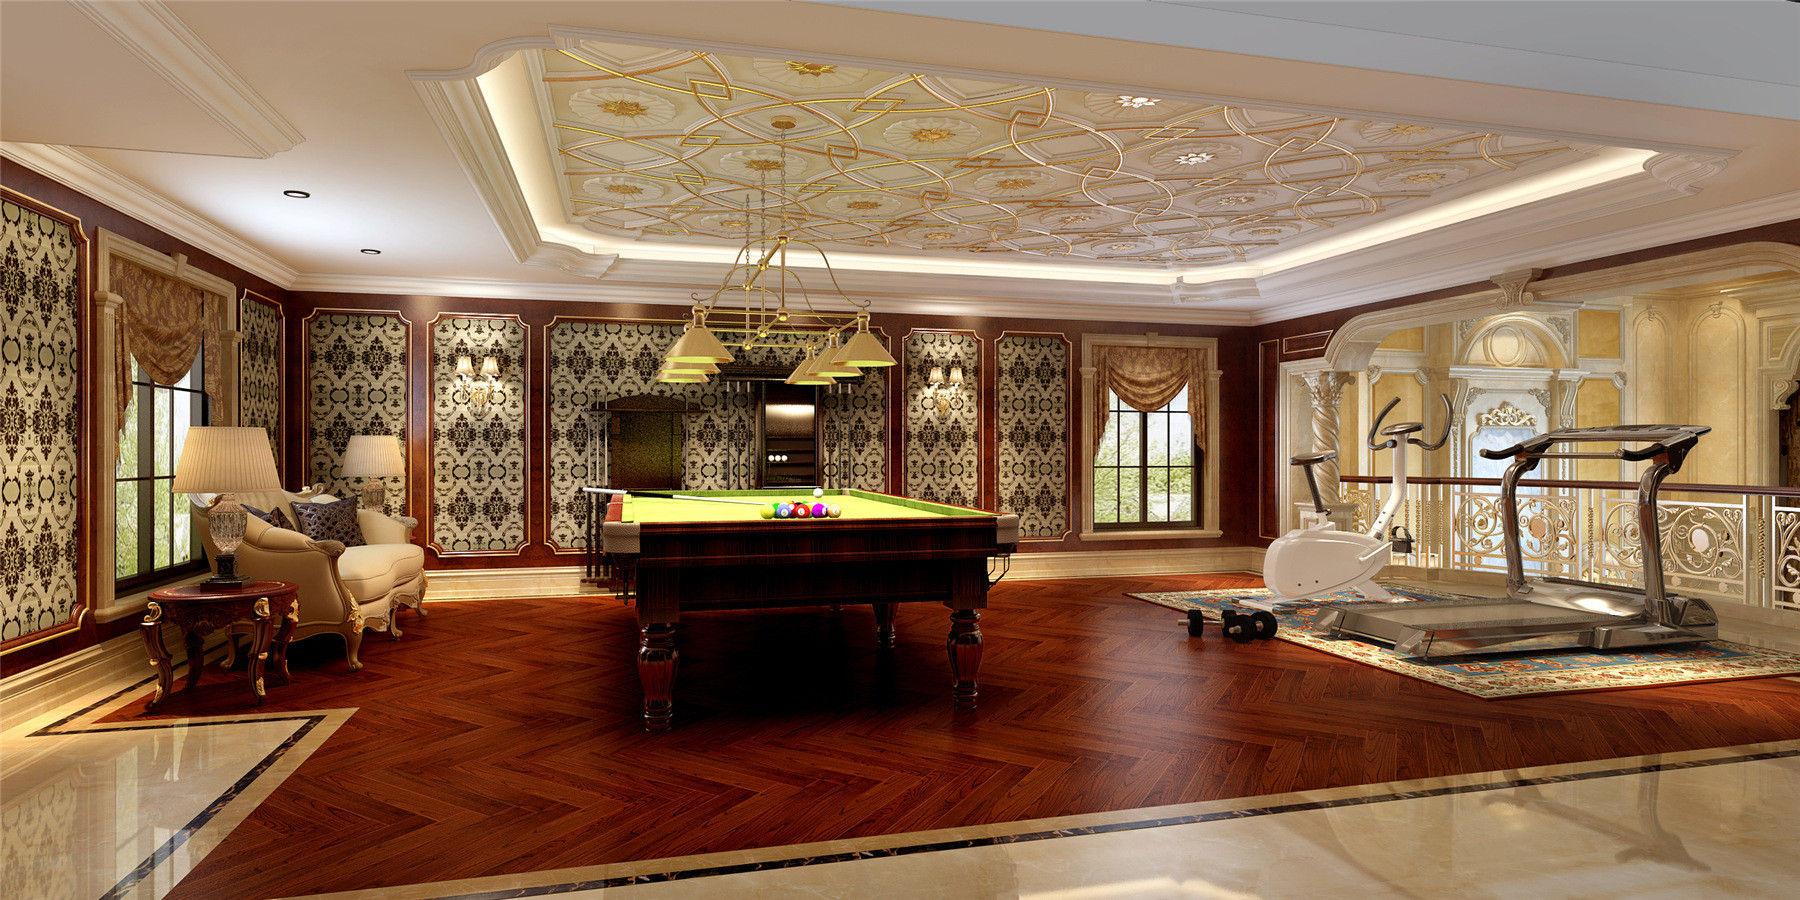 别墅装修 欧式古典 腾龙设计 郭建作品 书房图片来自孔继民在1300平别墅装修欧式古典风格设计的分享